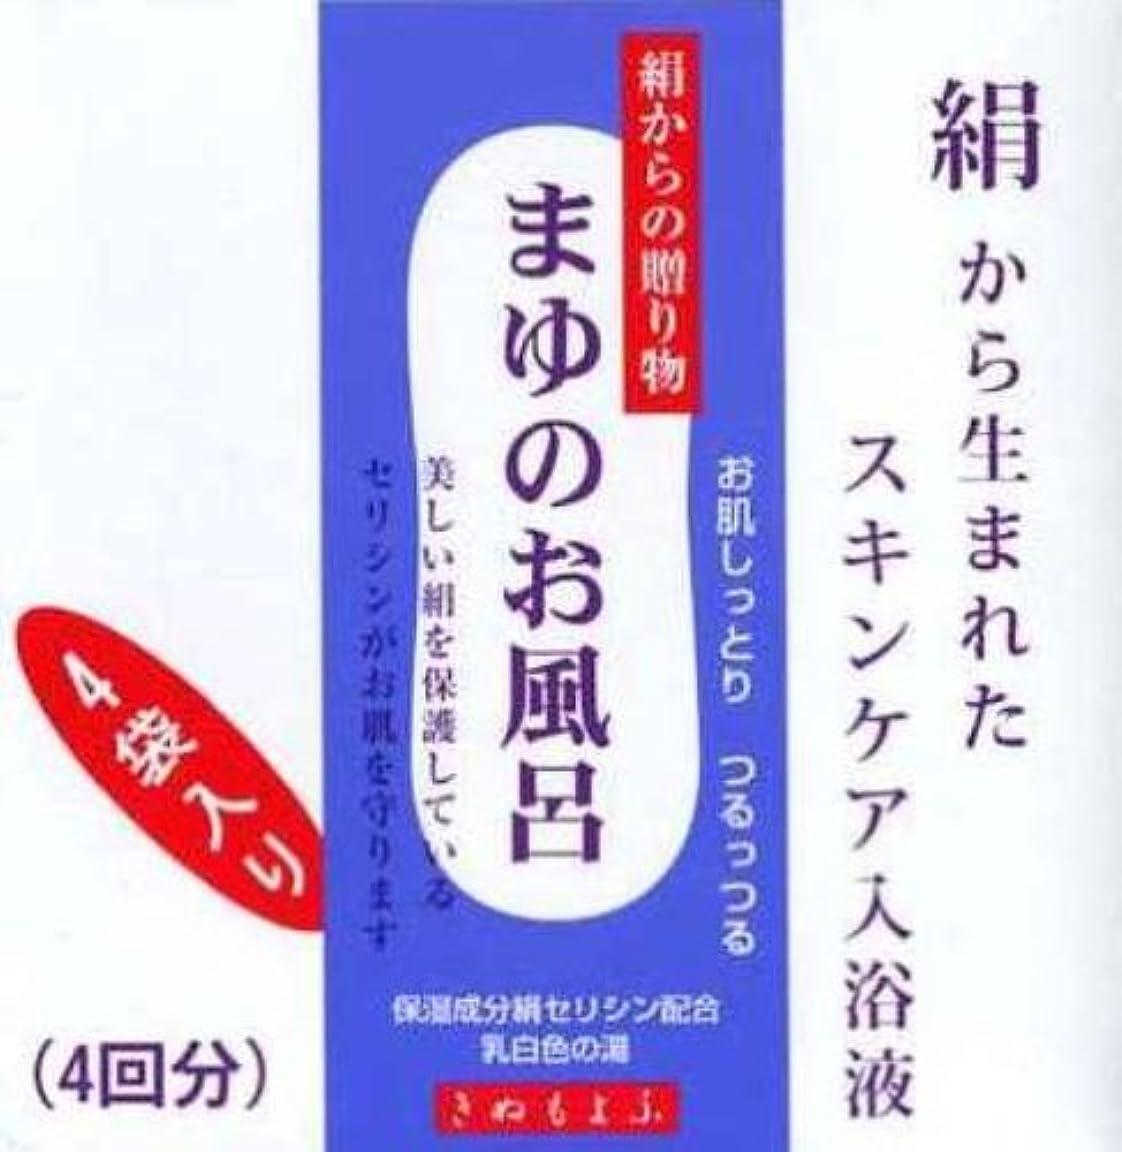 エクスタシー保険をかける瞑想まゆシリーズ きぬもよふ まゆのお風呂 25ml(1回分×4袋)